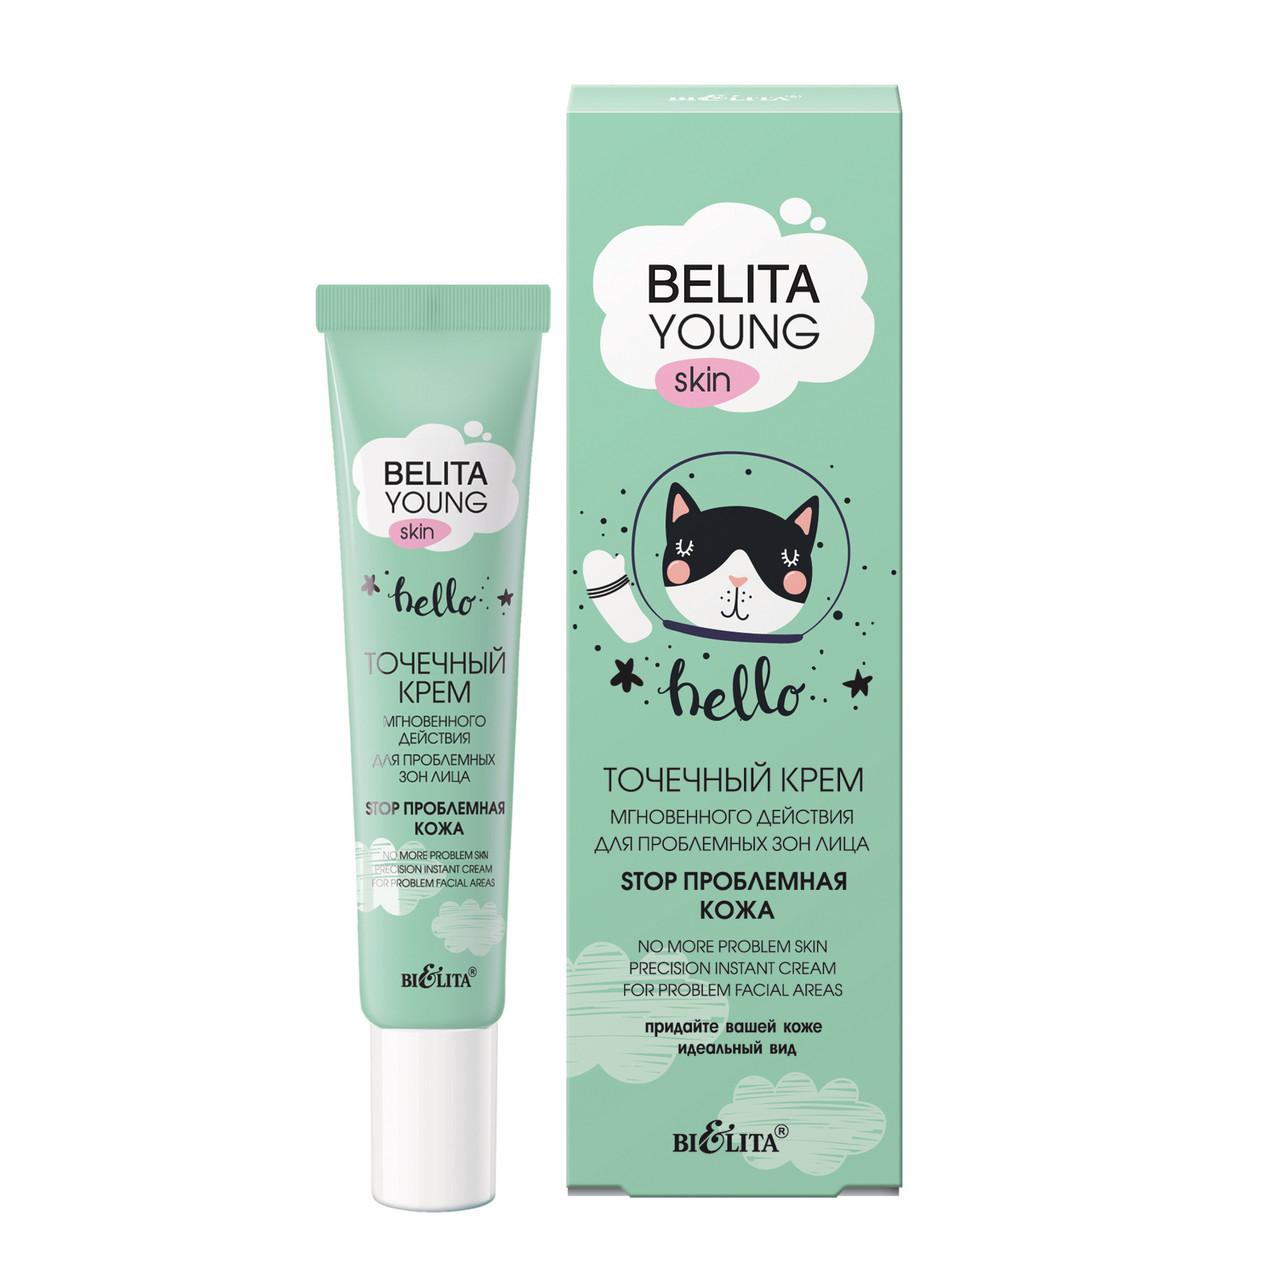 Точечный крем для проблемных зон лица «Stop проблемная кожа» Bielita Belita Young Skin 20 мл